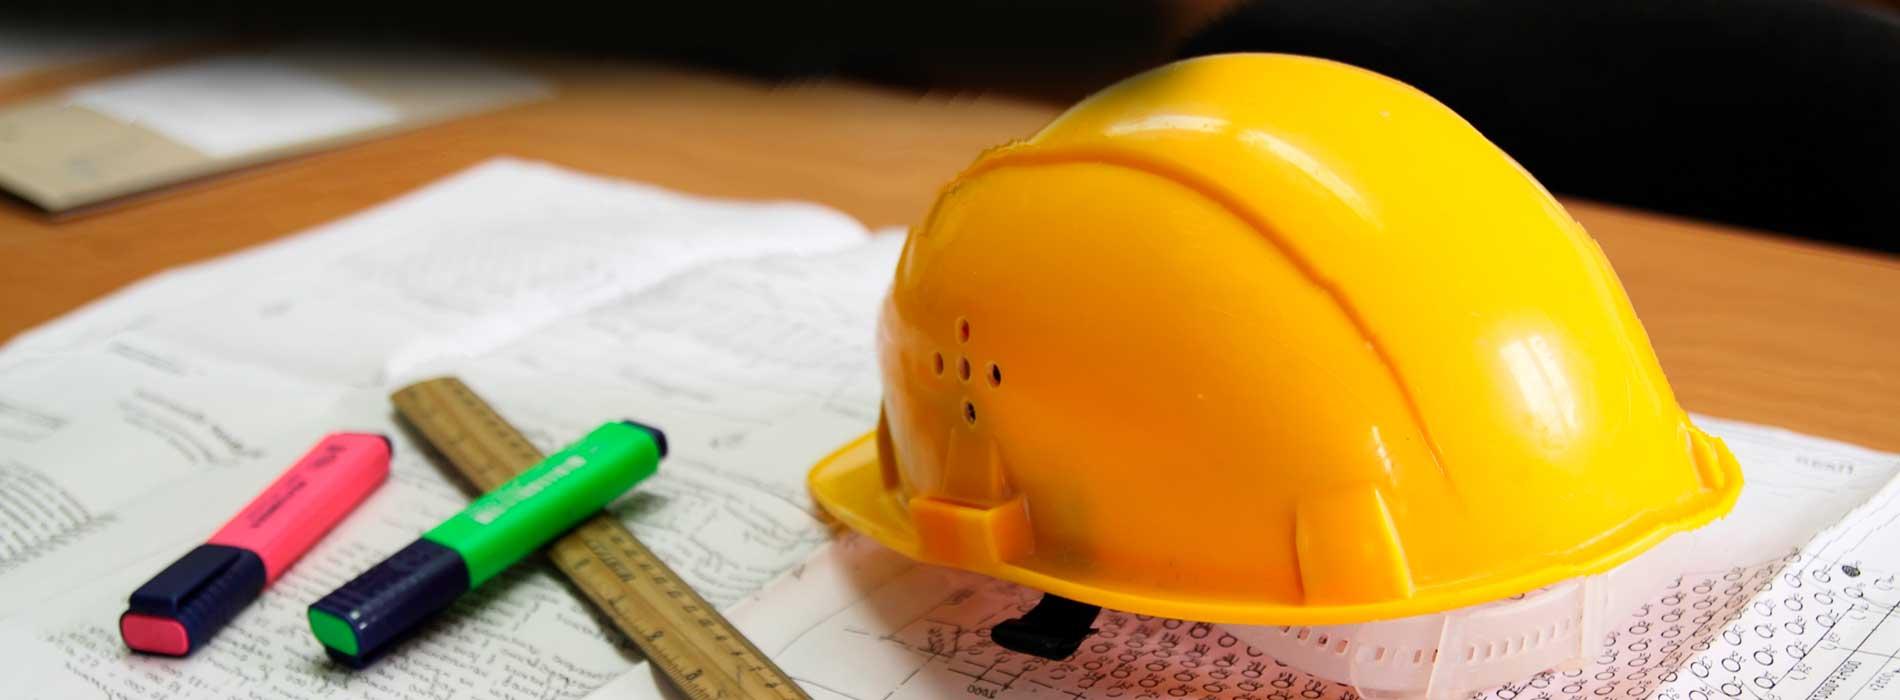 Projeto de segurança contra incêndio e pânicoProjeto de segurança contra incêndio e pânico